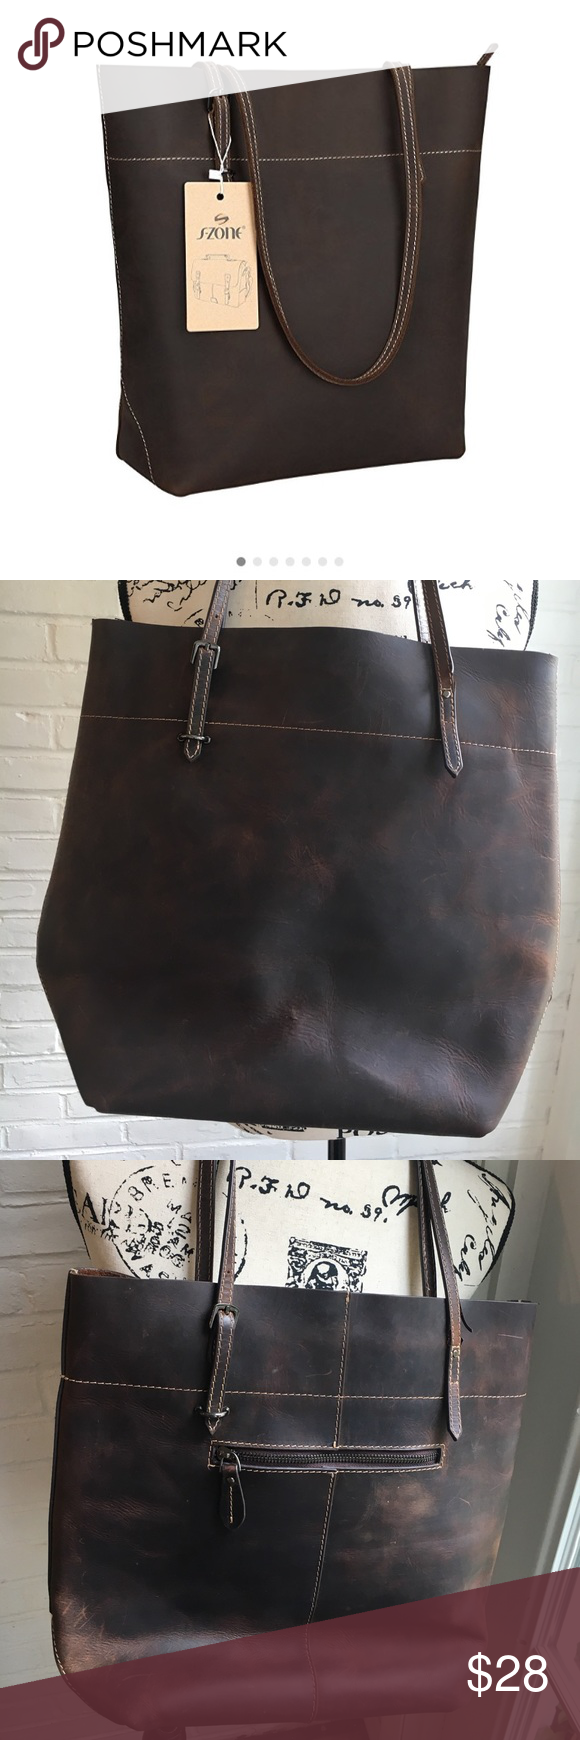 Leather Tote Purse W Cloth Protector Euc